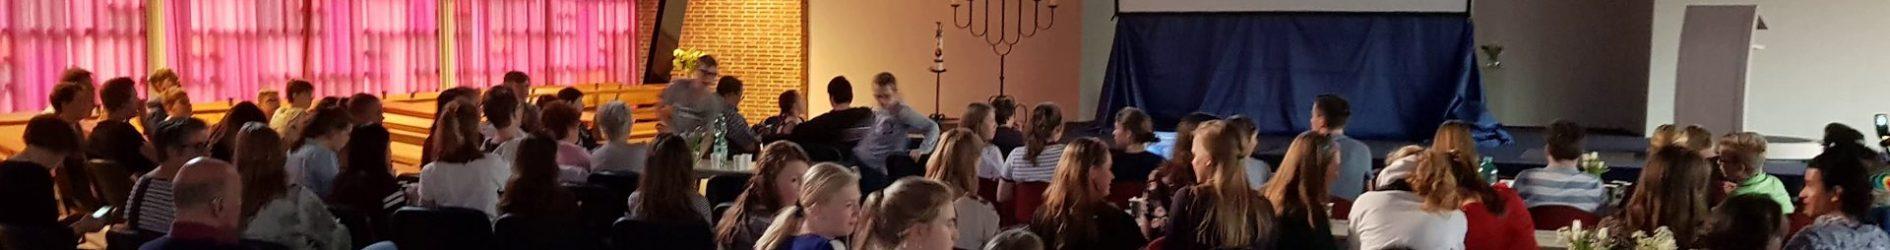 Ruim 70 jongeren beleven de Pizza & Passion!